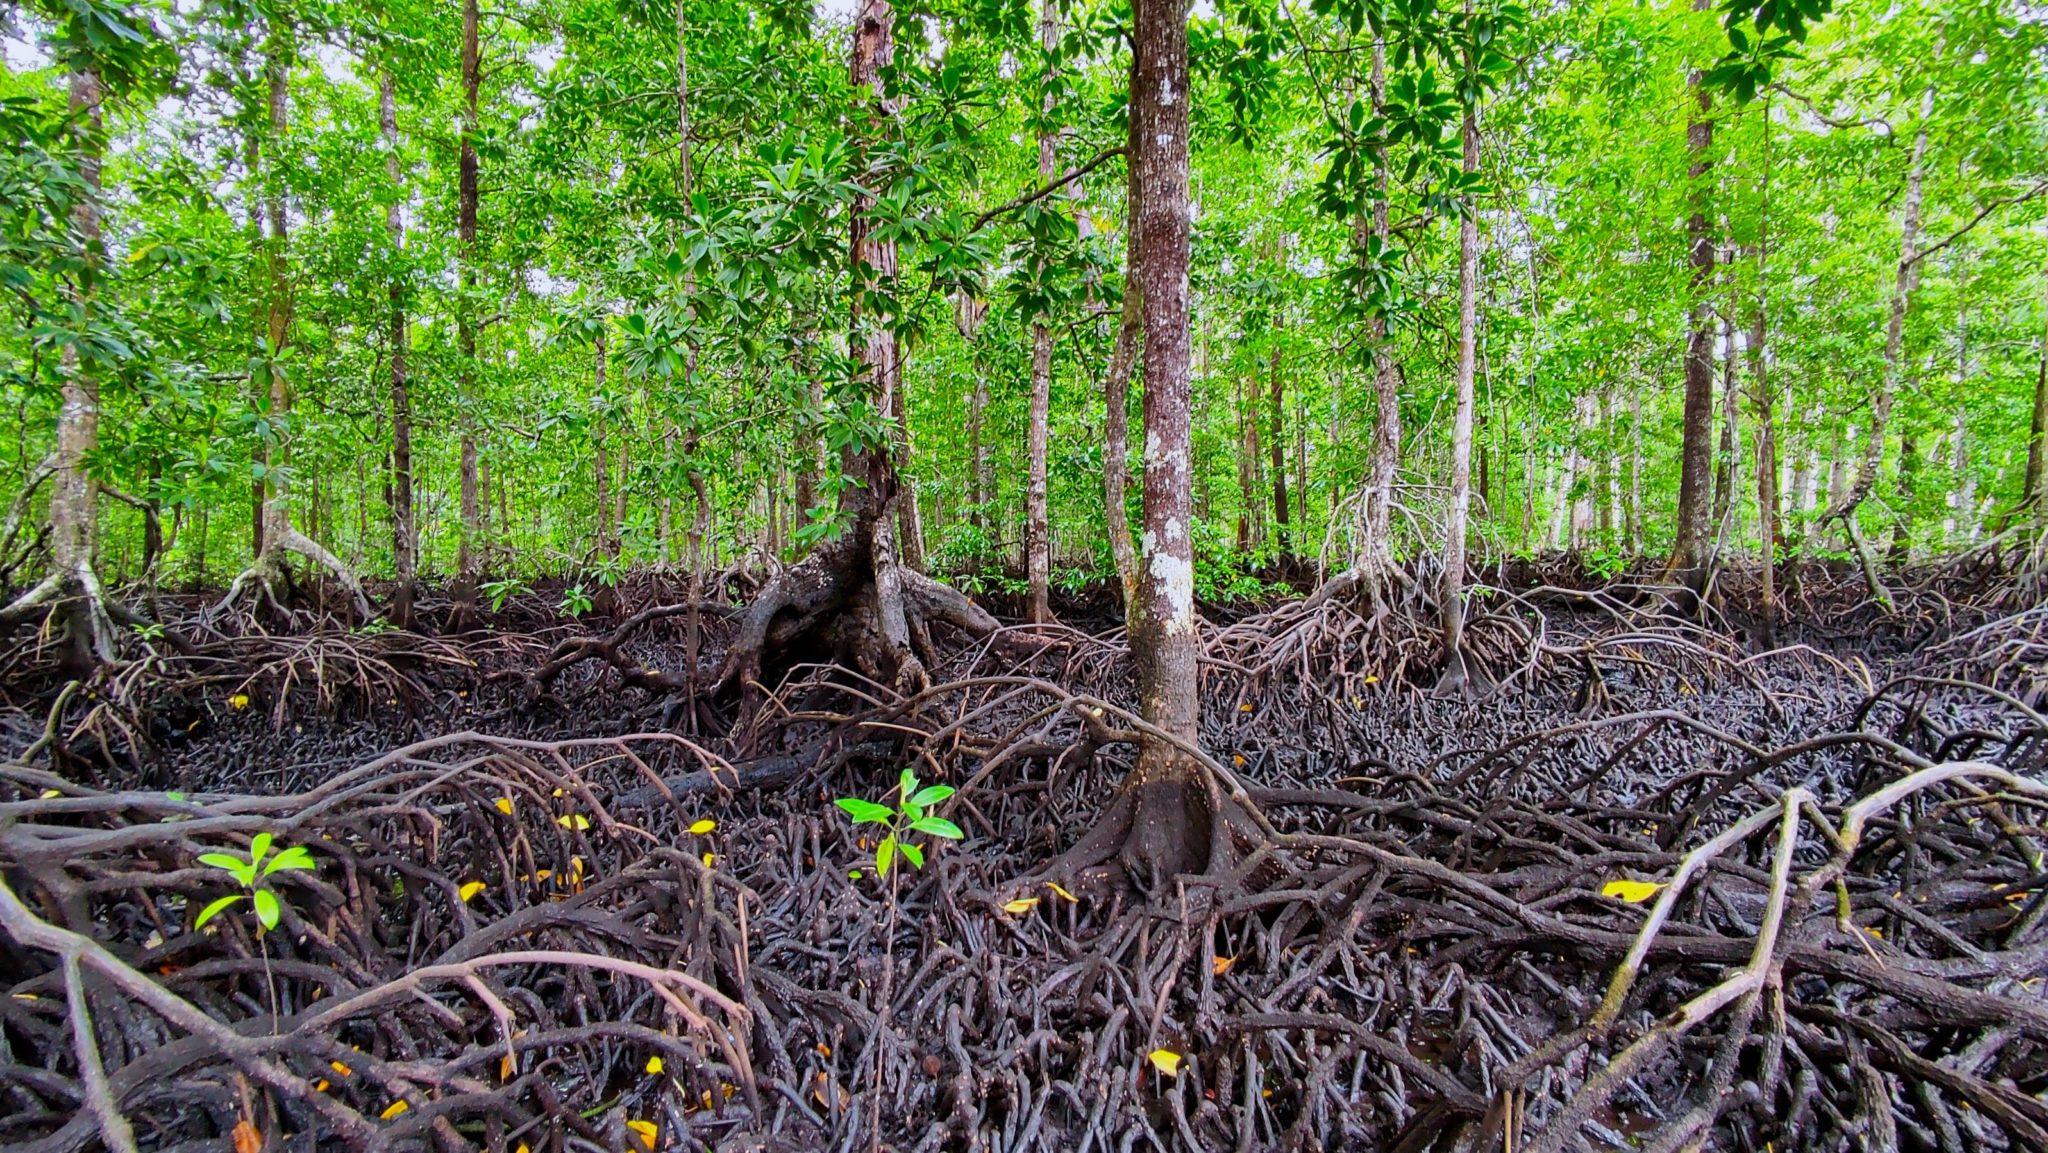 Ekosistem mangrove di Aru Tengah sebagai habitat Kepiting Bakau. Foto : Aziz F 2021